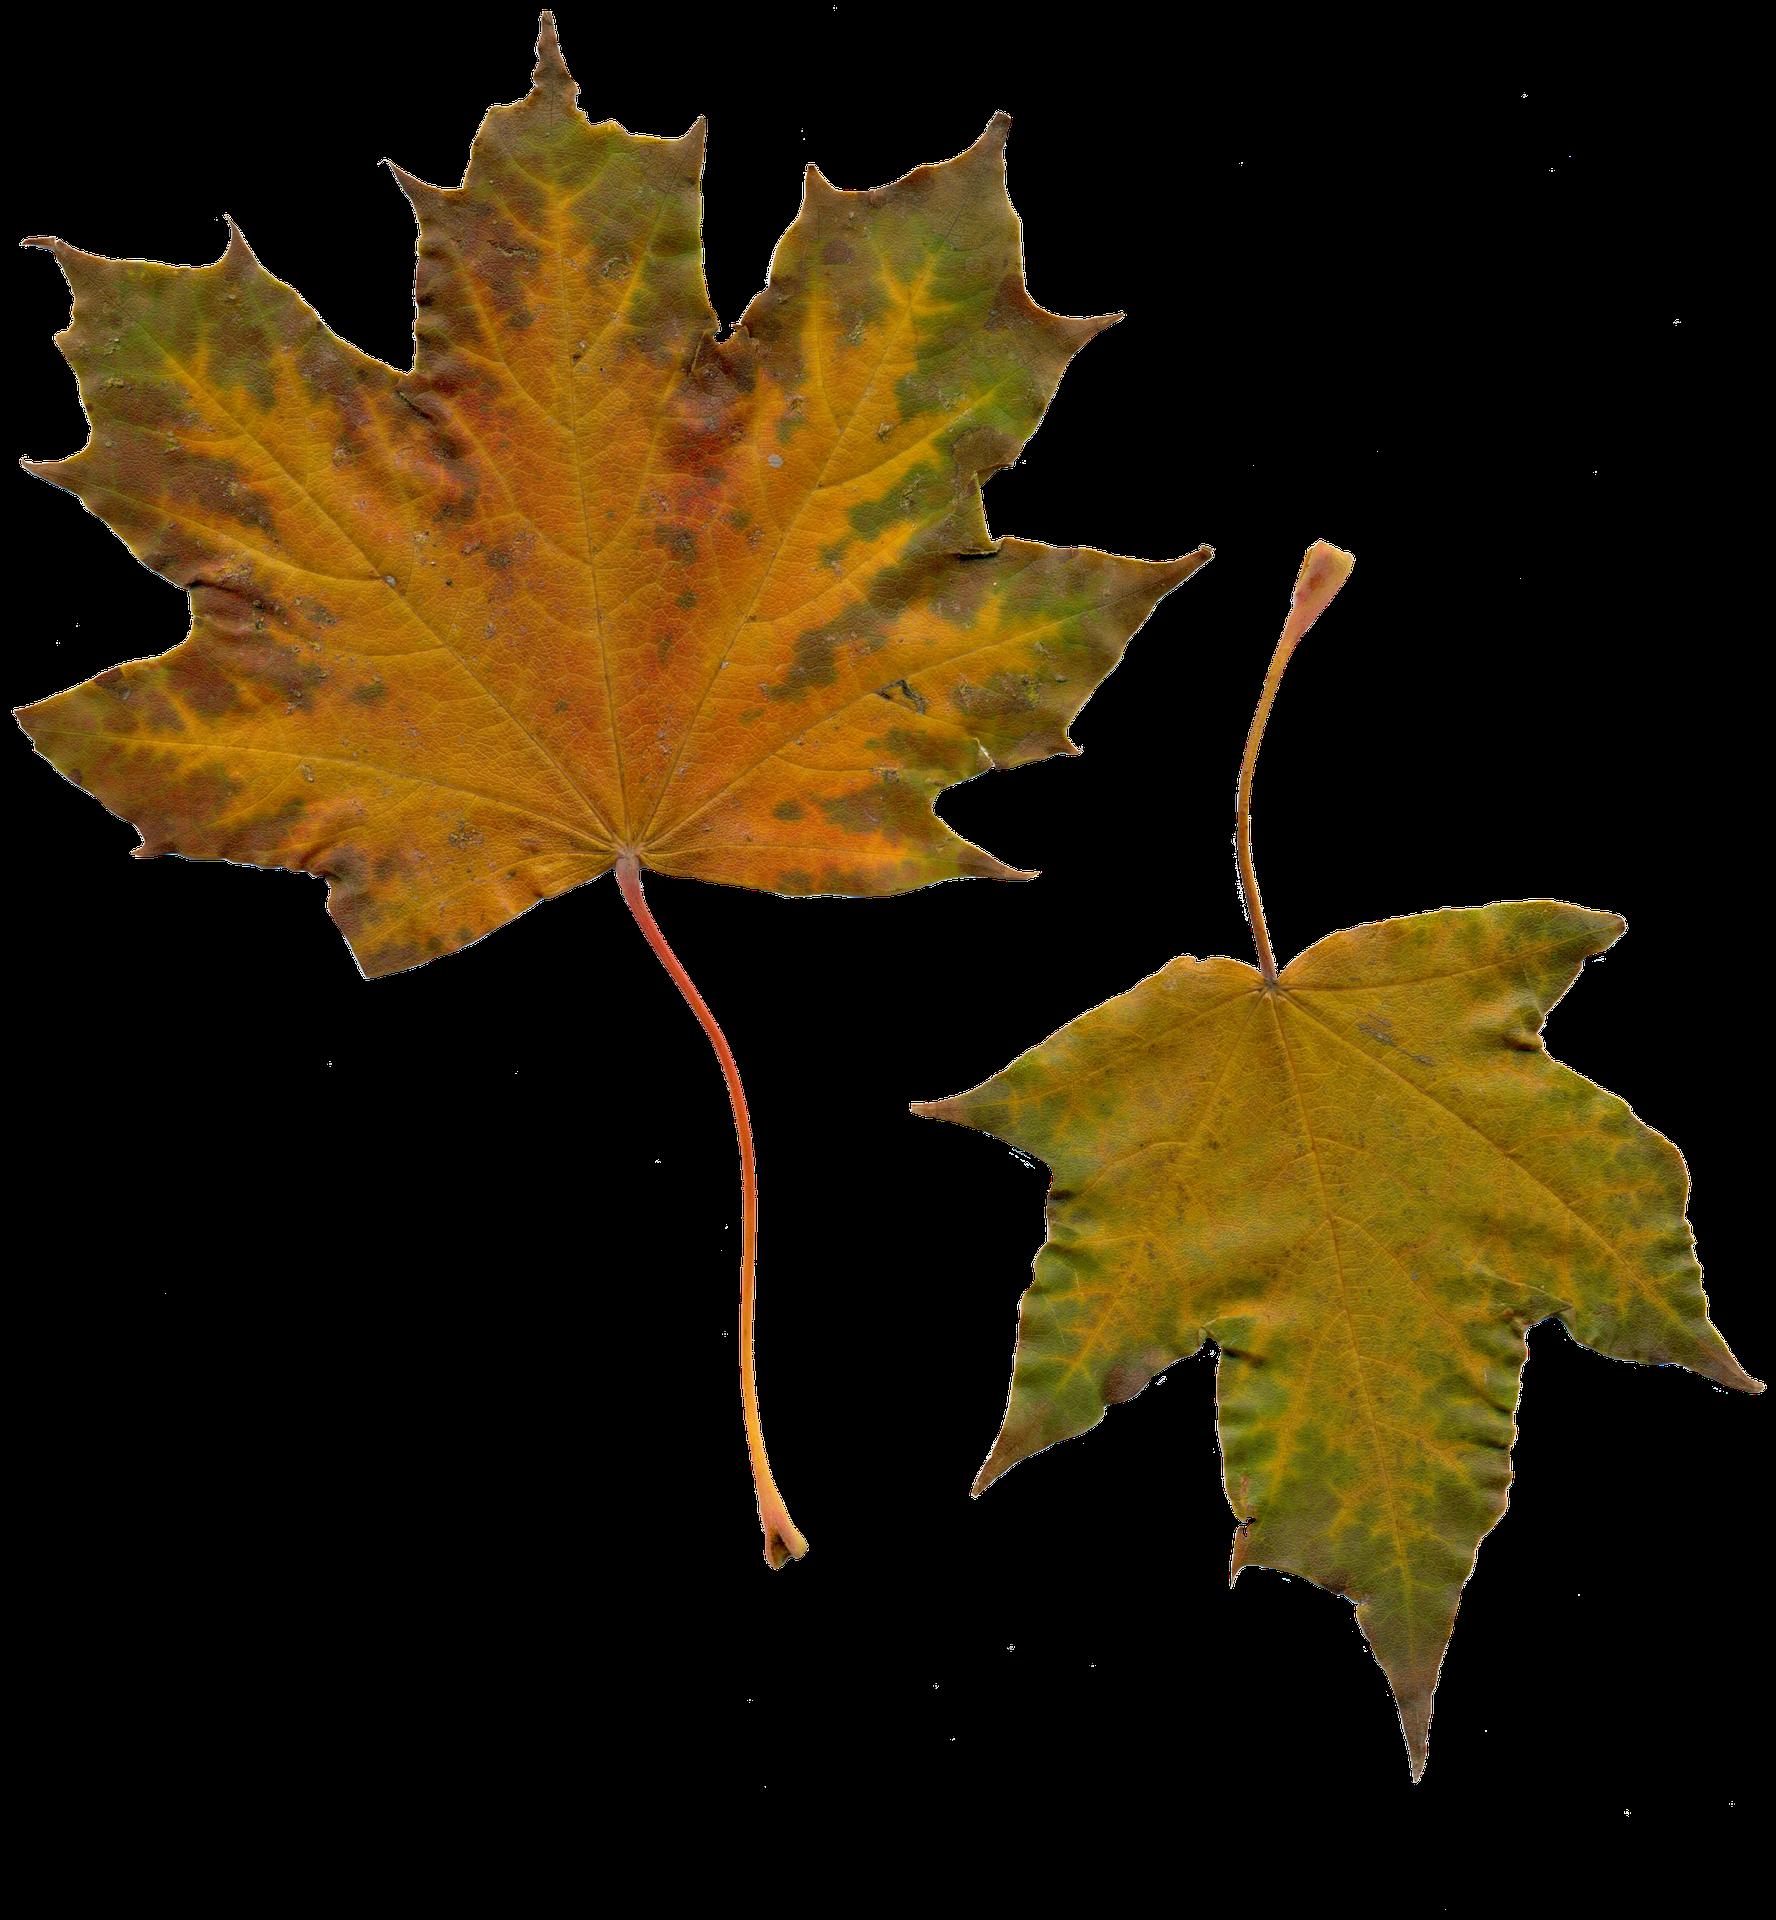 leaves-1029126_1920